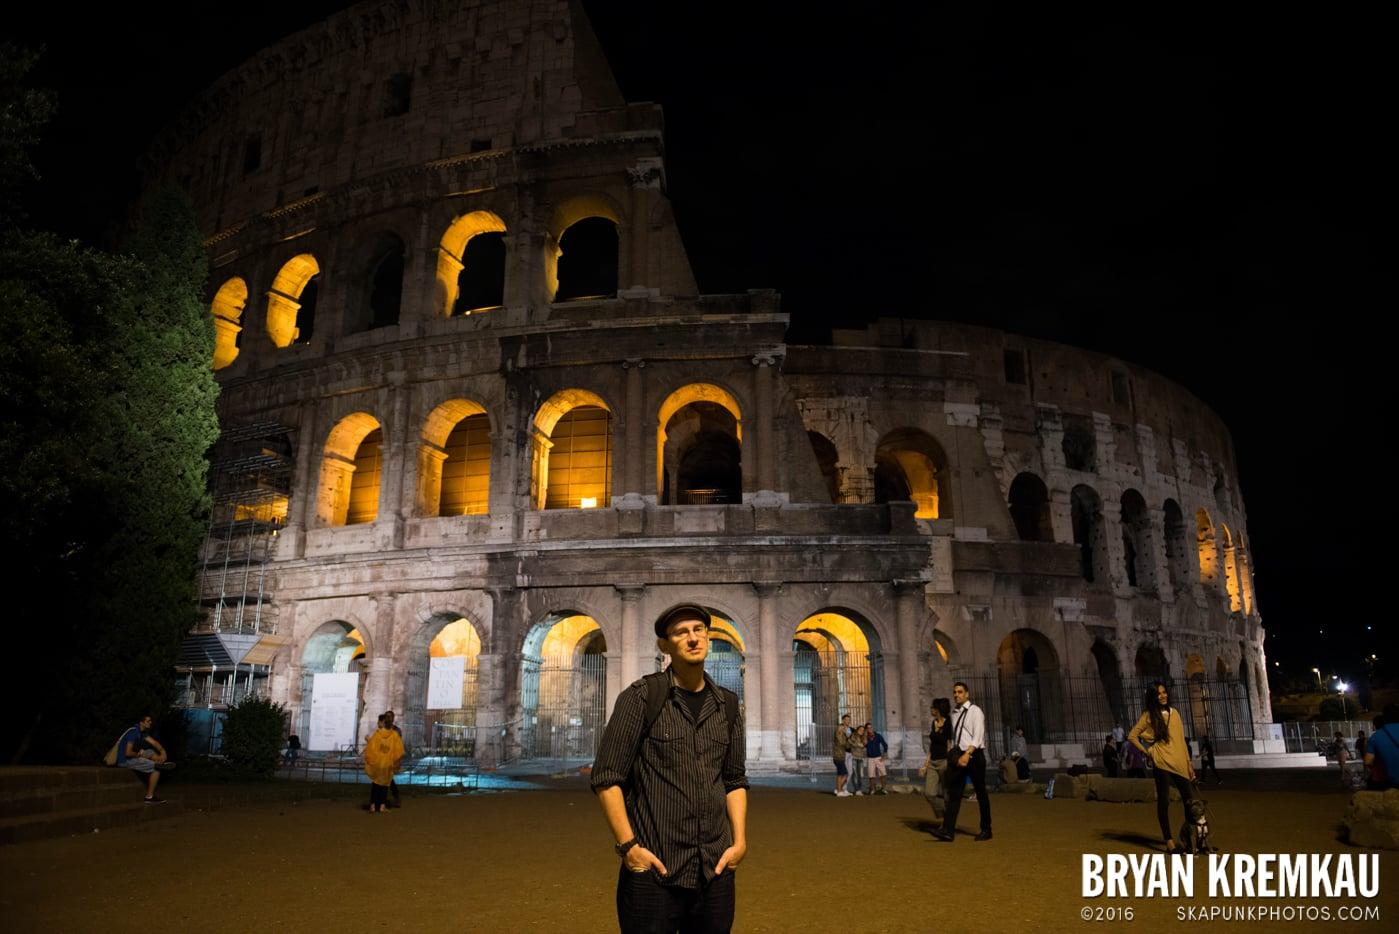 Italy Vacation - Day 2: Rome - 9.10.13 (2)